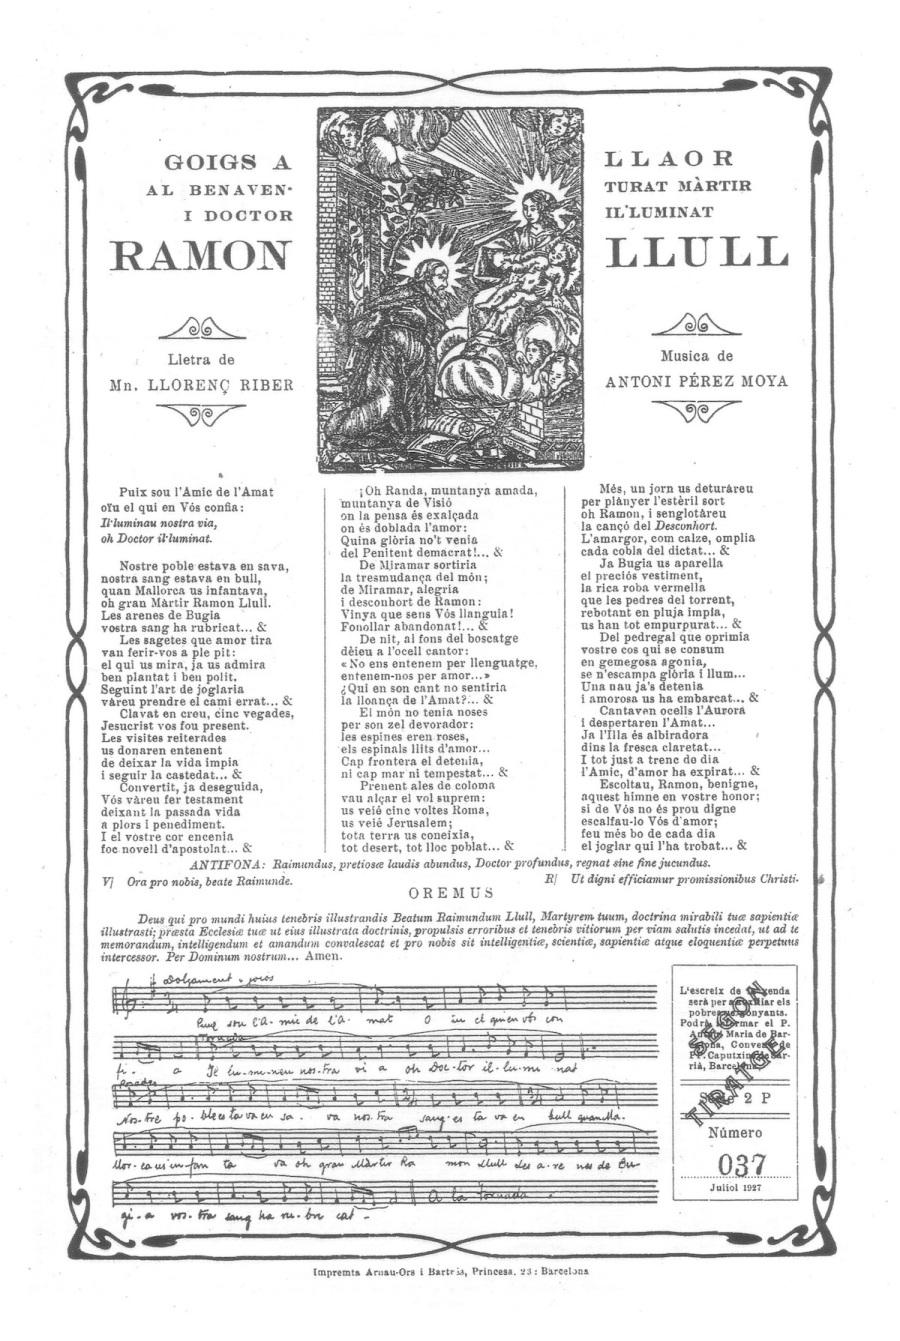 Llull Roig 2P 037